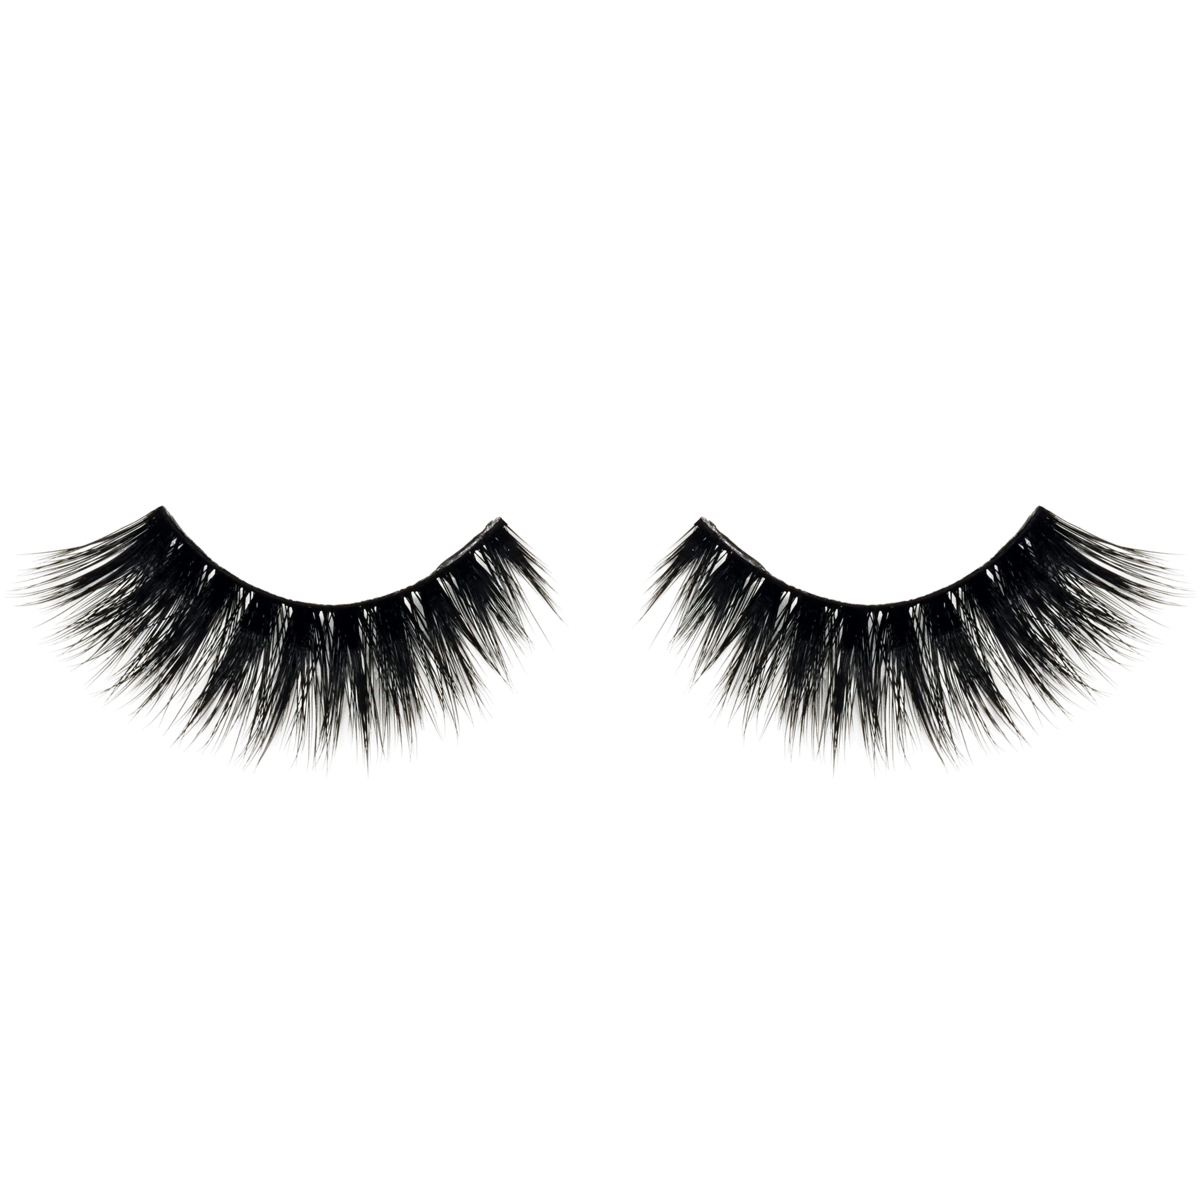 PRO Eyelashes